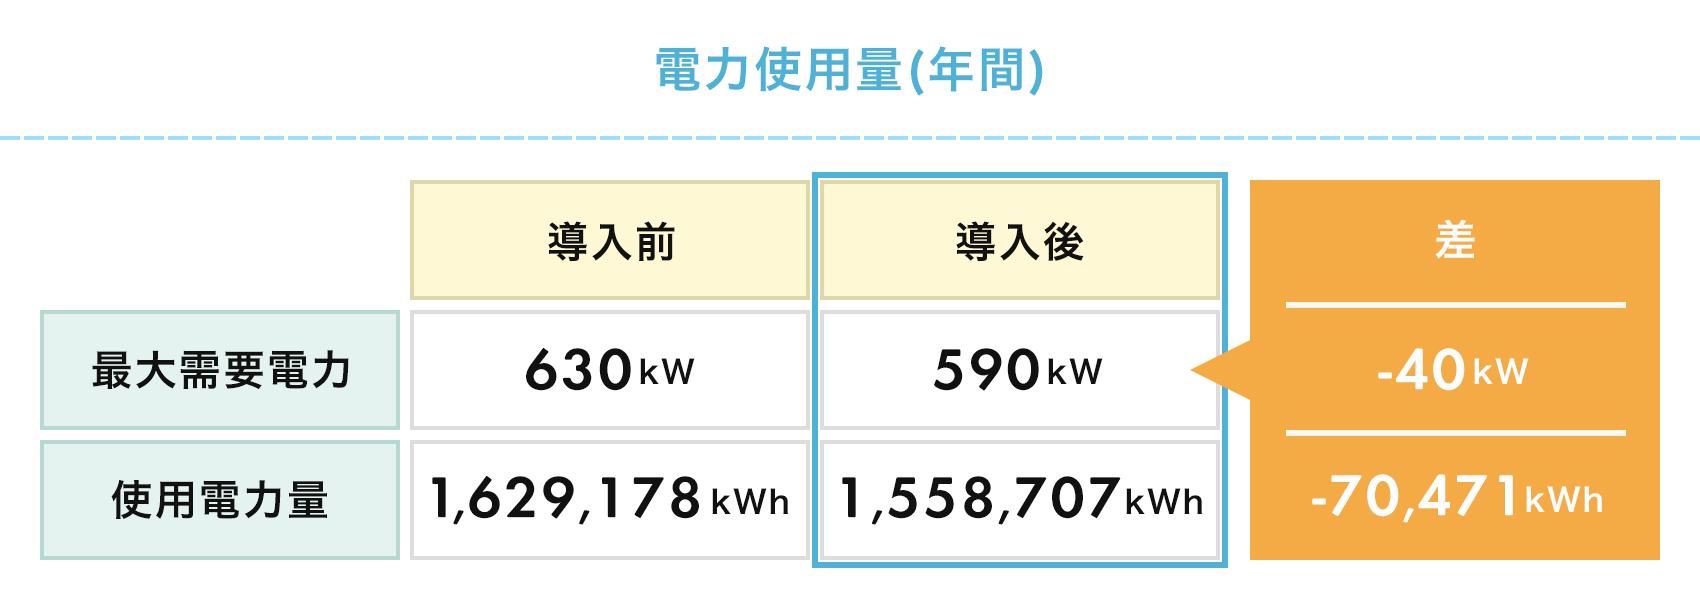 電力使用量(年間)